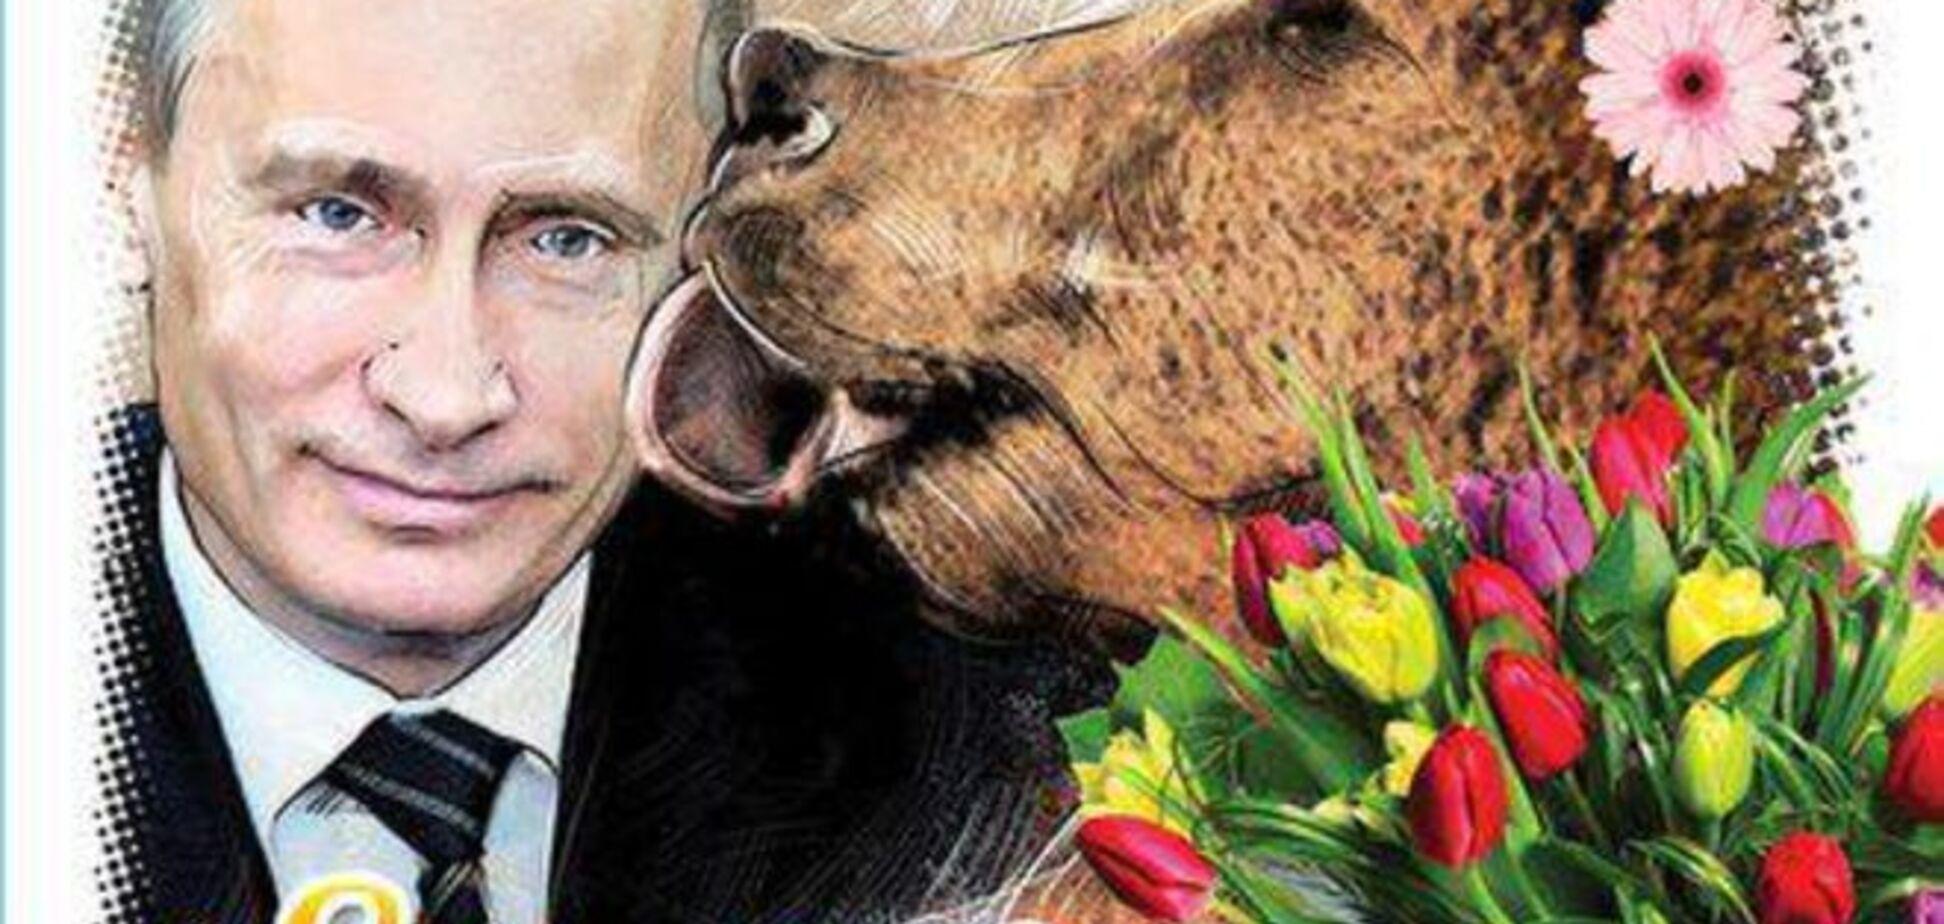 'Мисс Владимир': в соцсетях высмеяли журнал с фото Путина, которого лижет медведь